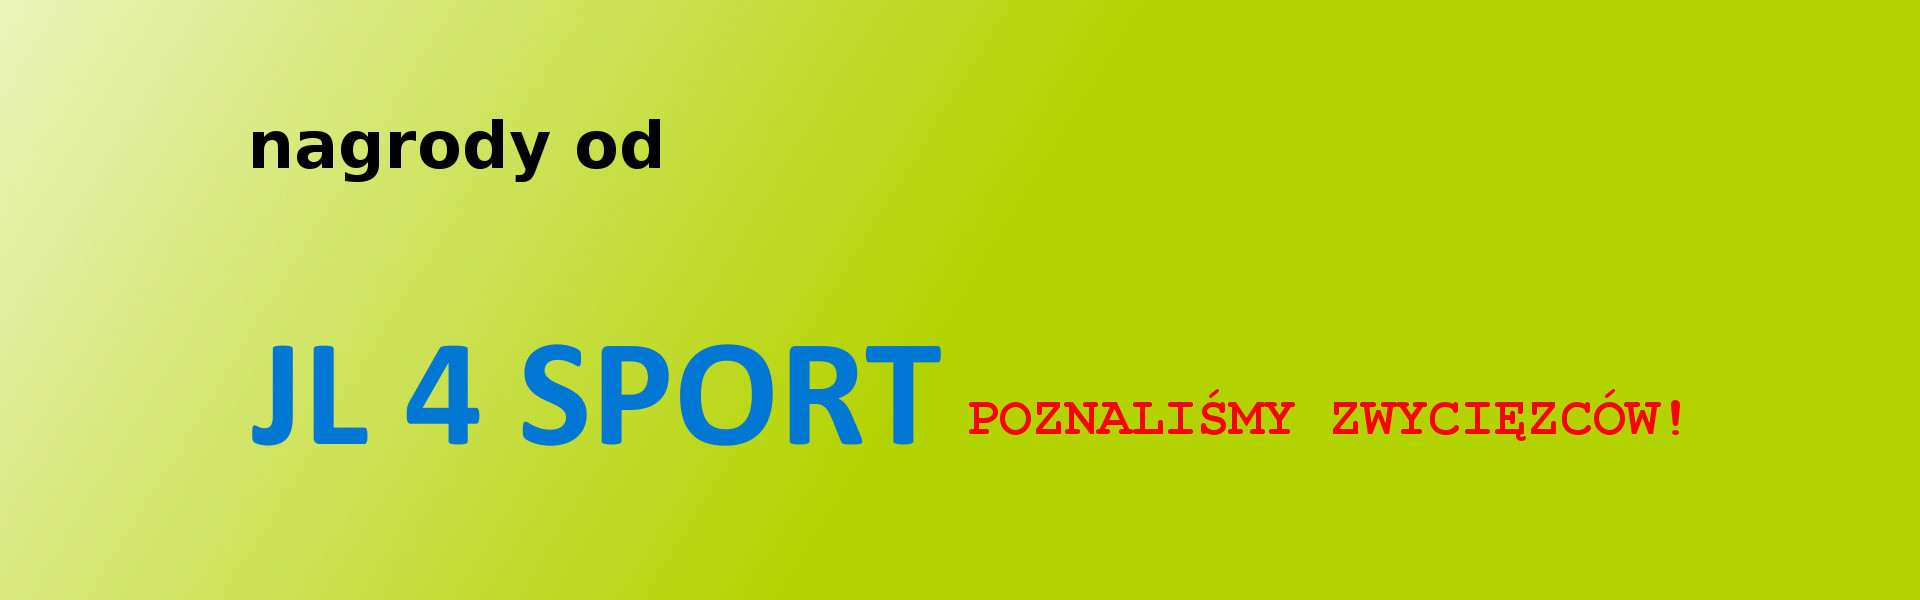 nagrody_JL_4_sport_nasza_dycha_poznalismy_zwyciezcow